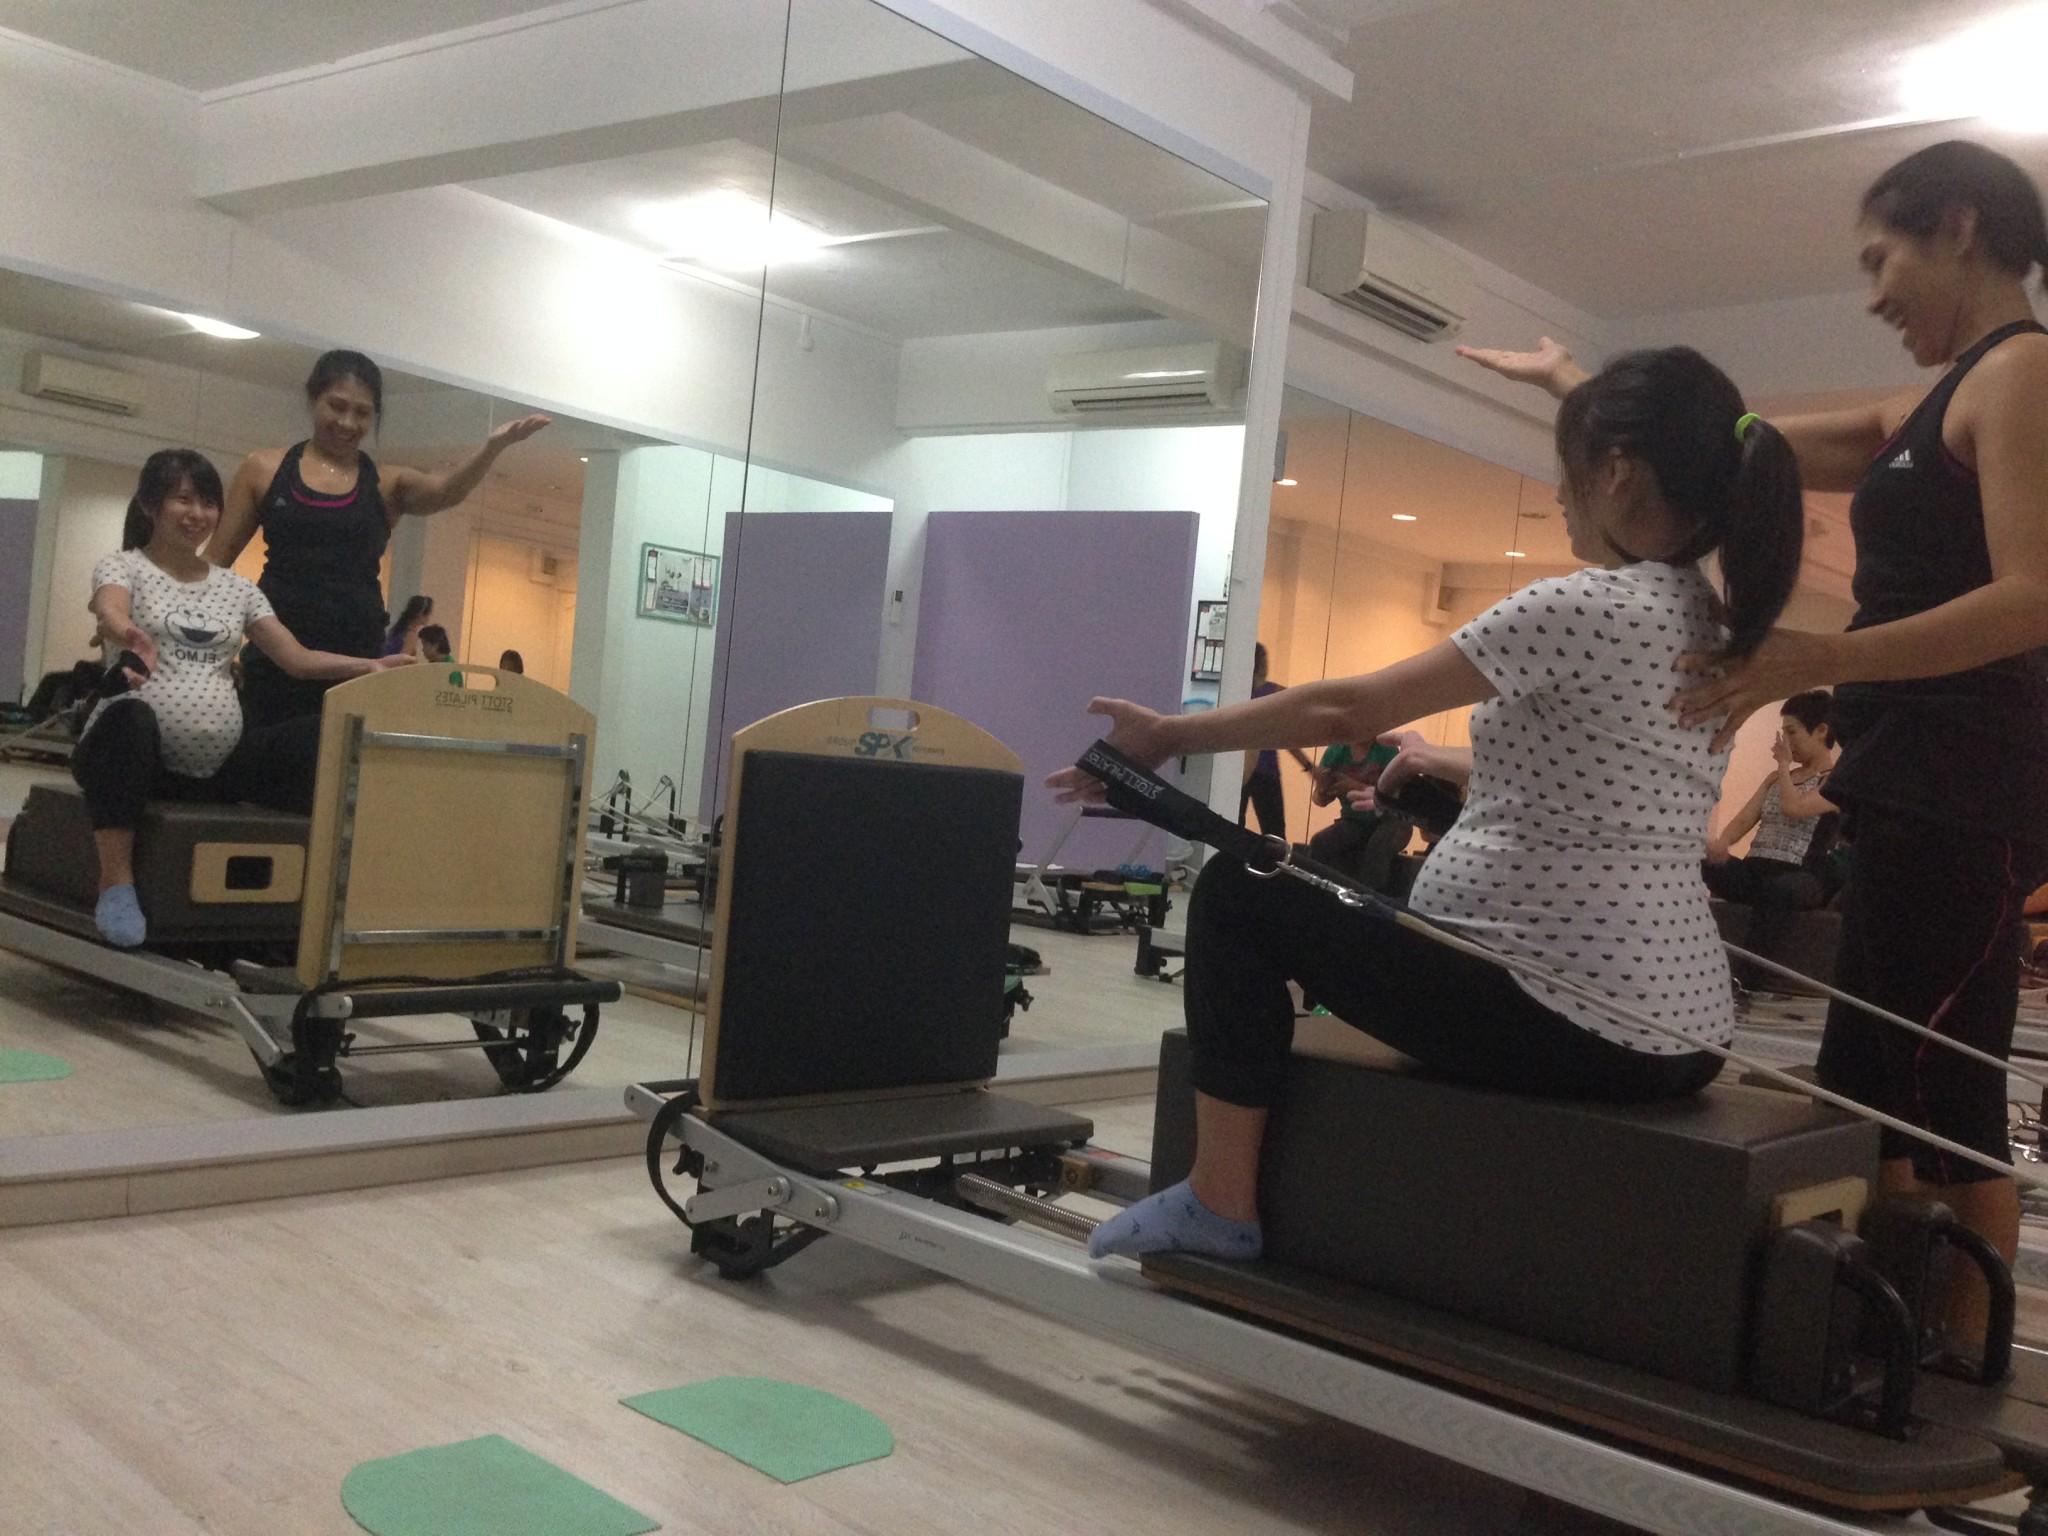 reformer-prenatal-pilates-effective-safe